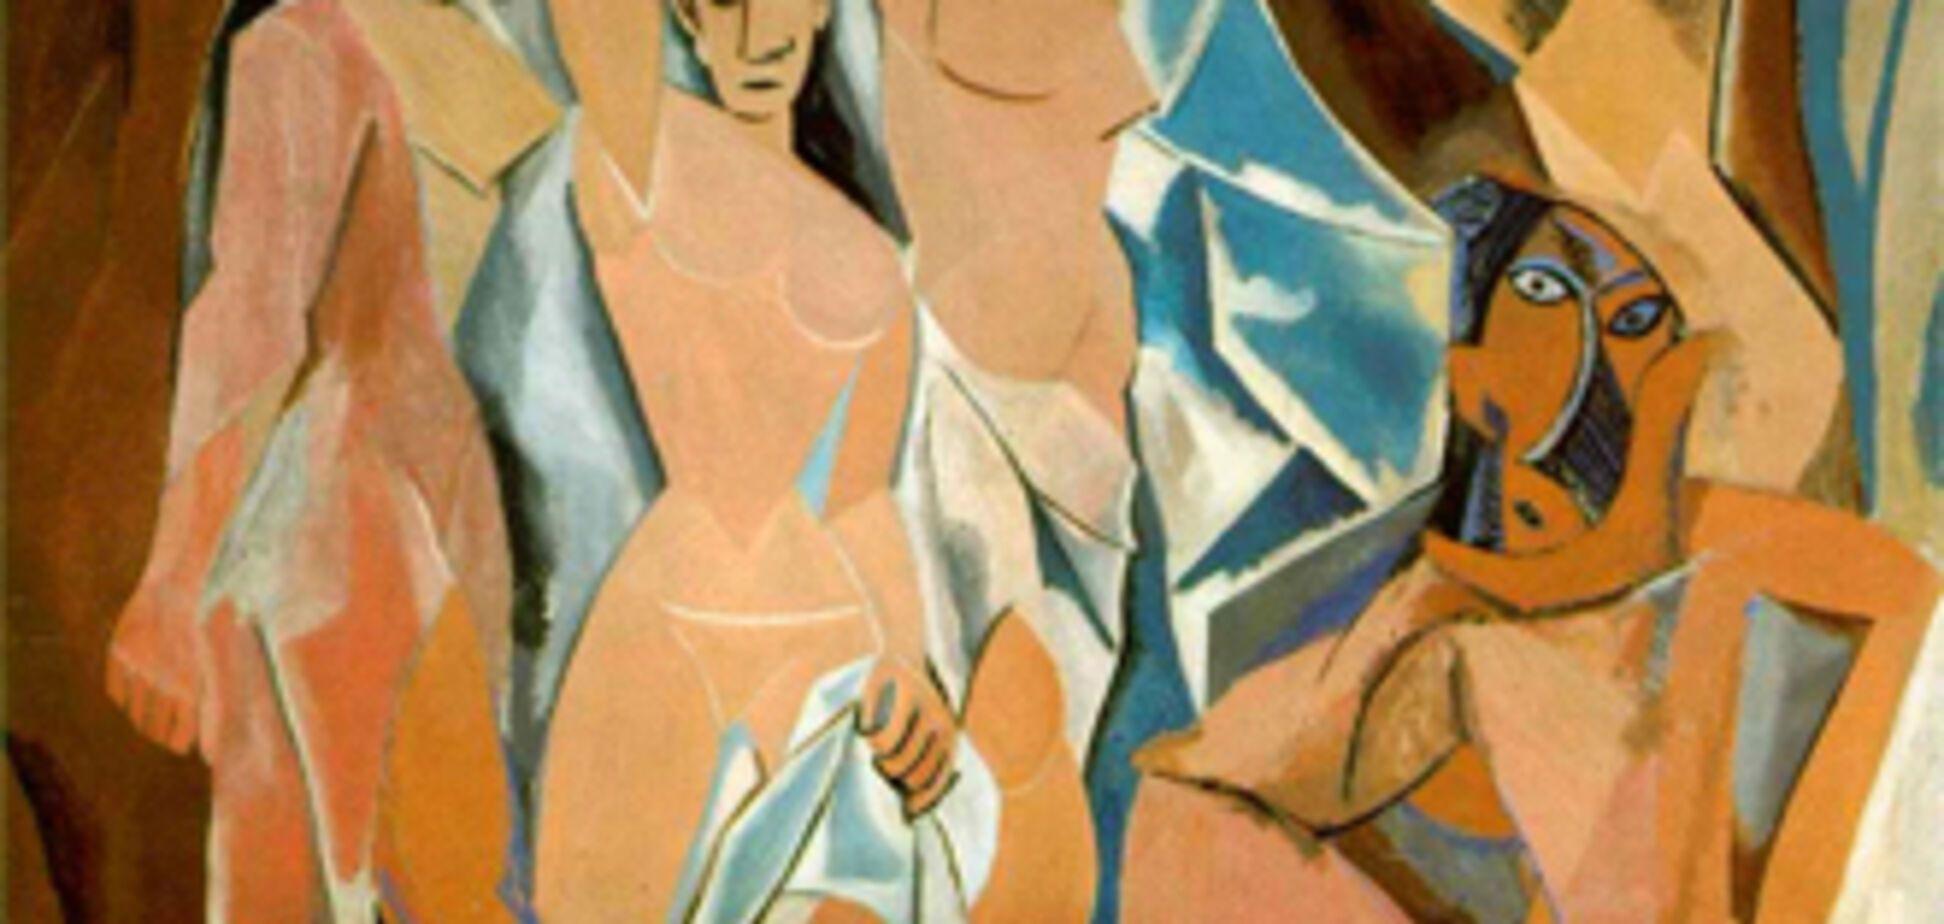 З паризького музею вкрали картини Пікассо і Матісса